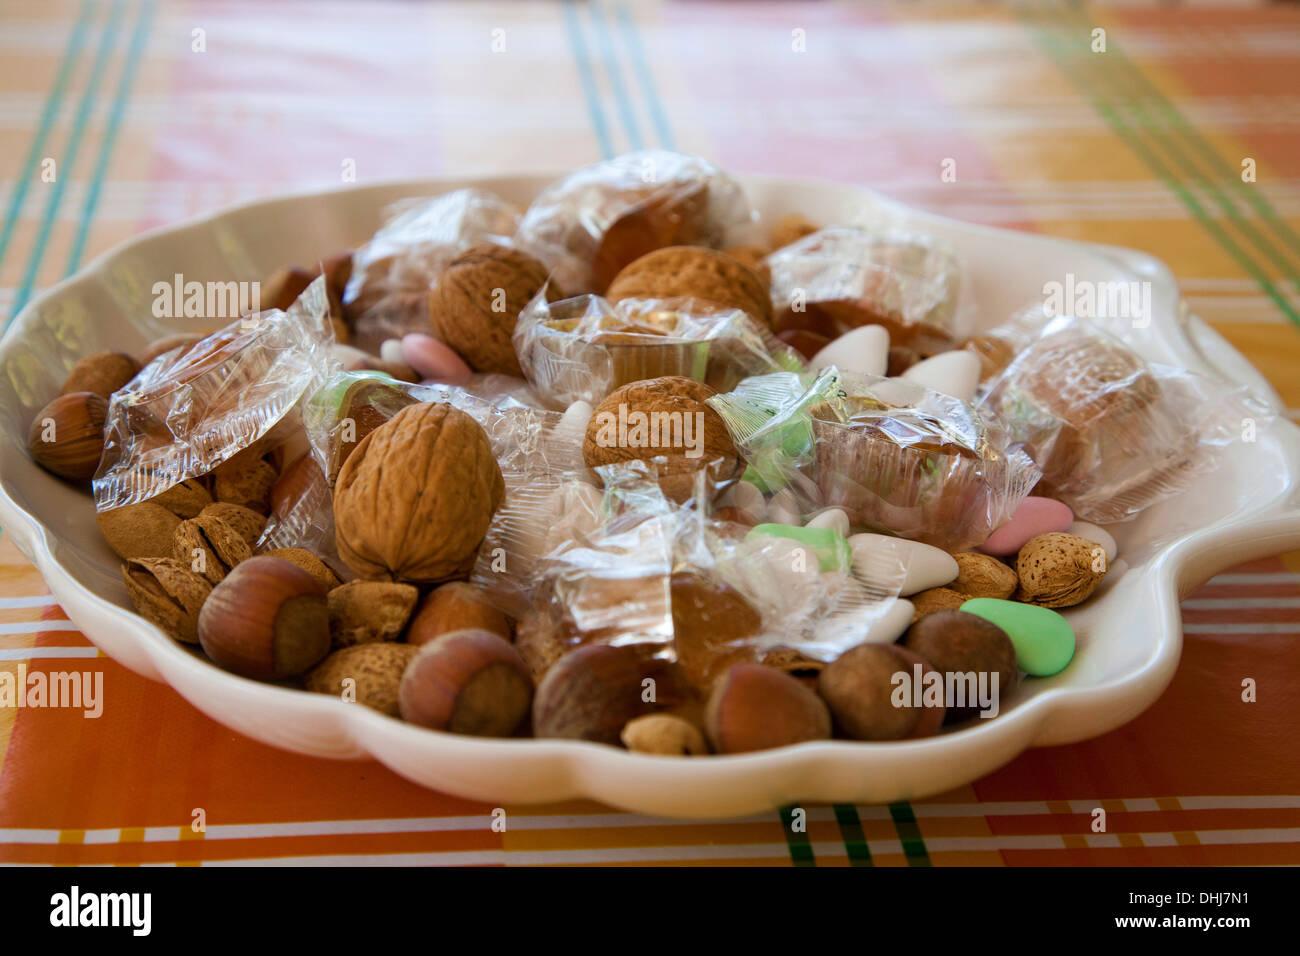 Frutta secca cioccolato confetti dolci offrono il regalo di nozze snack offerto agli ospiti la piastra del disco cerimonia Chiesa gettoni apprezzamento invitare Immagini Stock